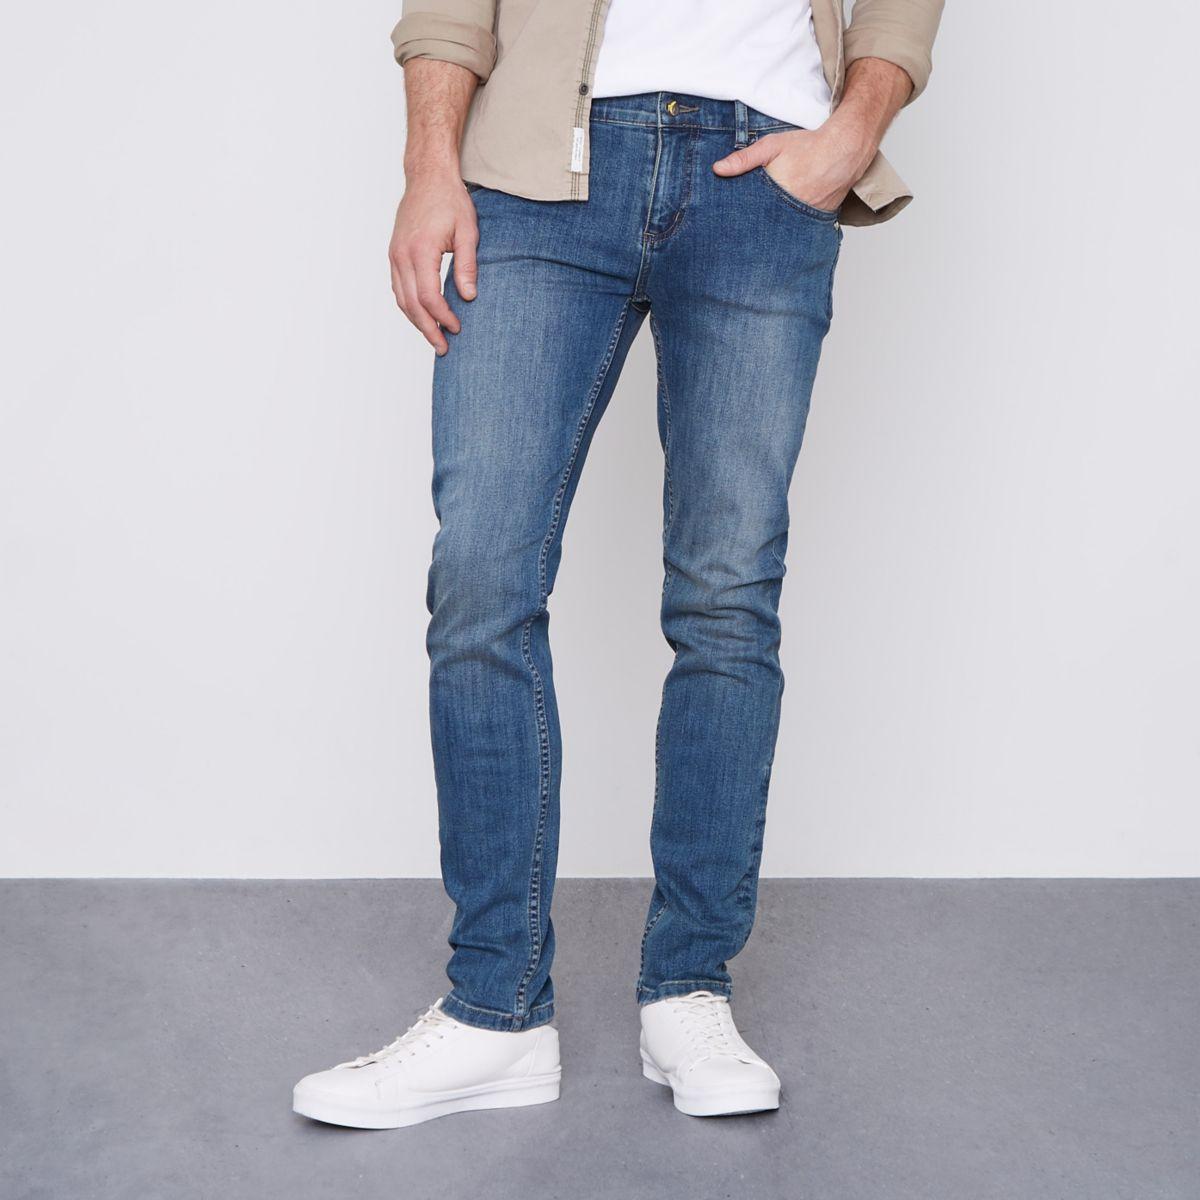 Monkee Genes - Blauwe klassieke skinny jeans